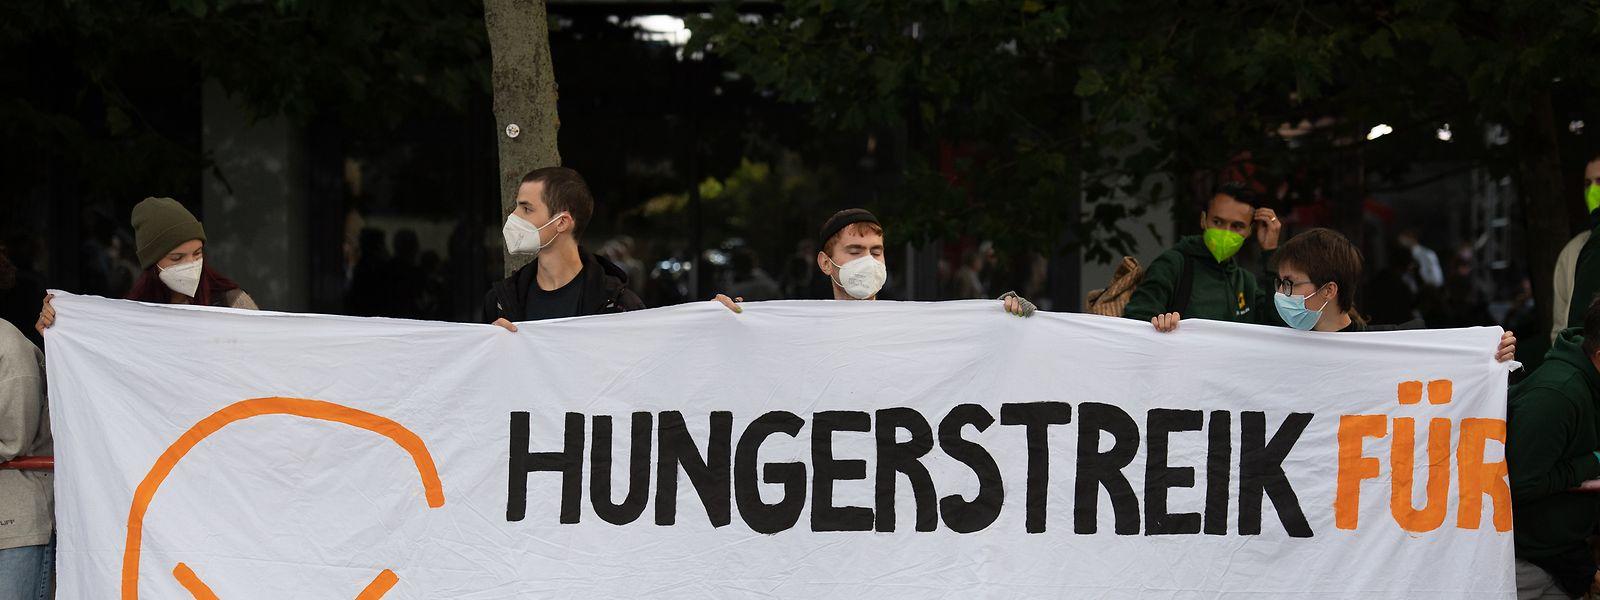 """Während des Fernseh-Triells der Kanzlerkandidaten hielten junge Aktivisten vor dem Studio einen """"Hungerstreik für Klimagerechtigkeit"""" ab."""